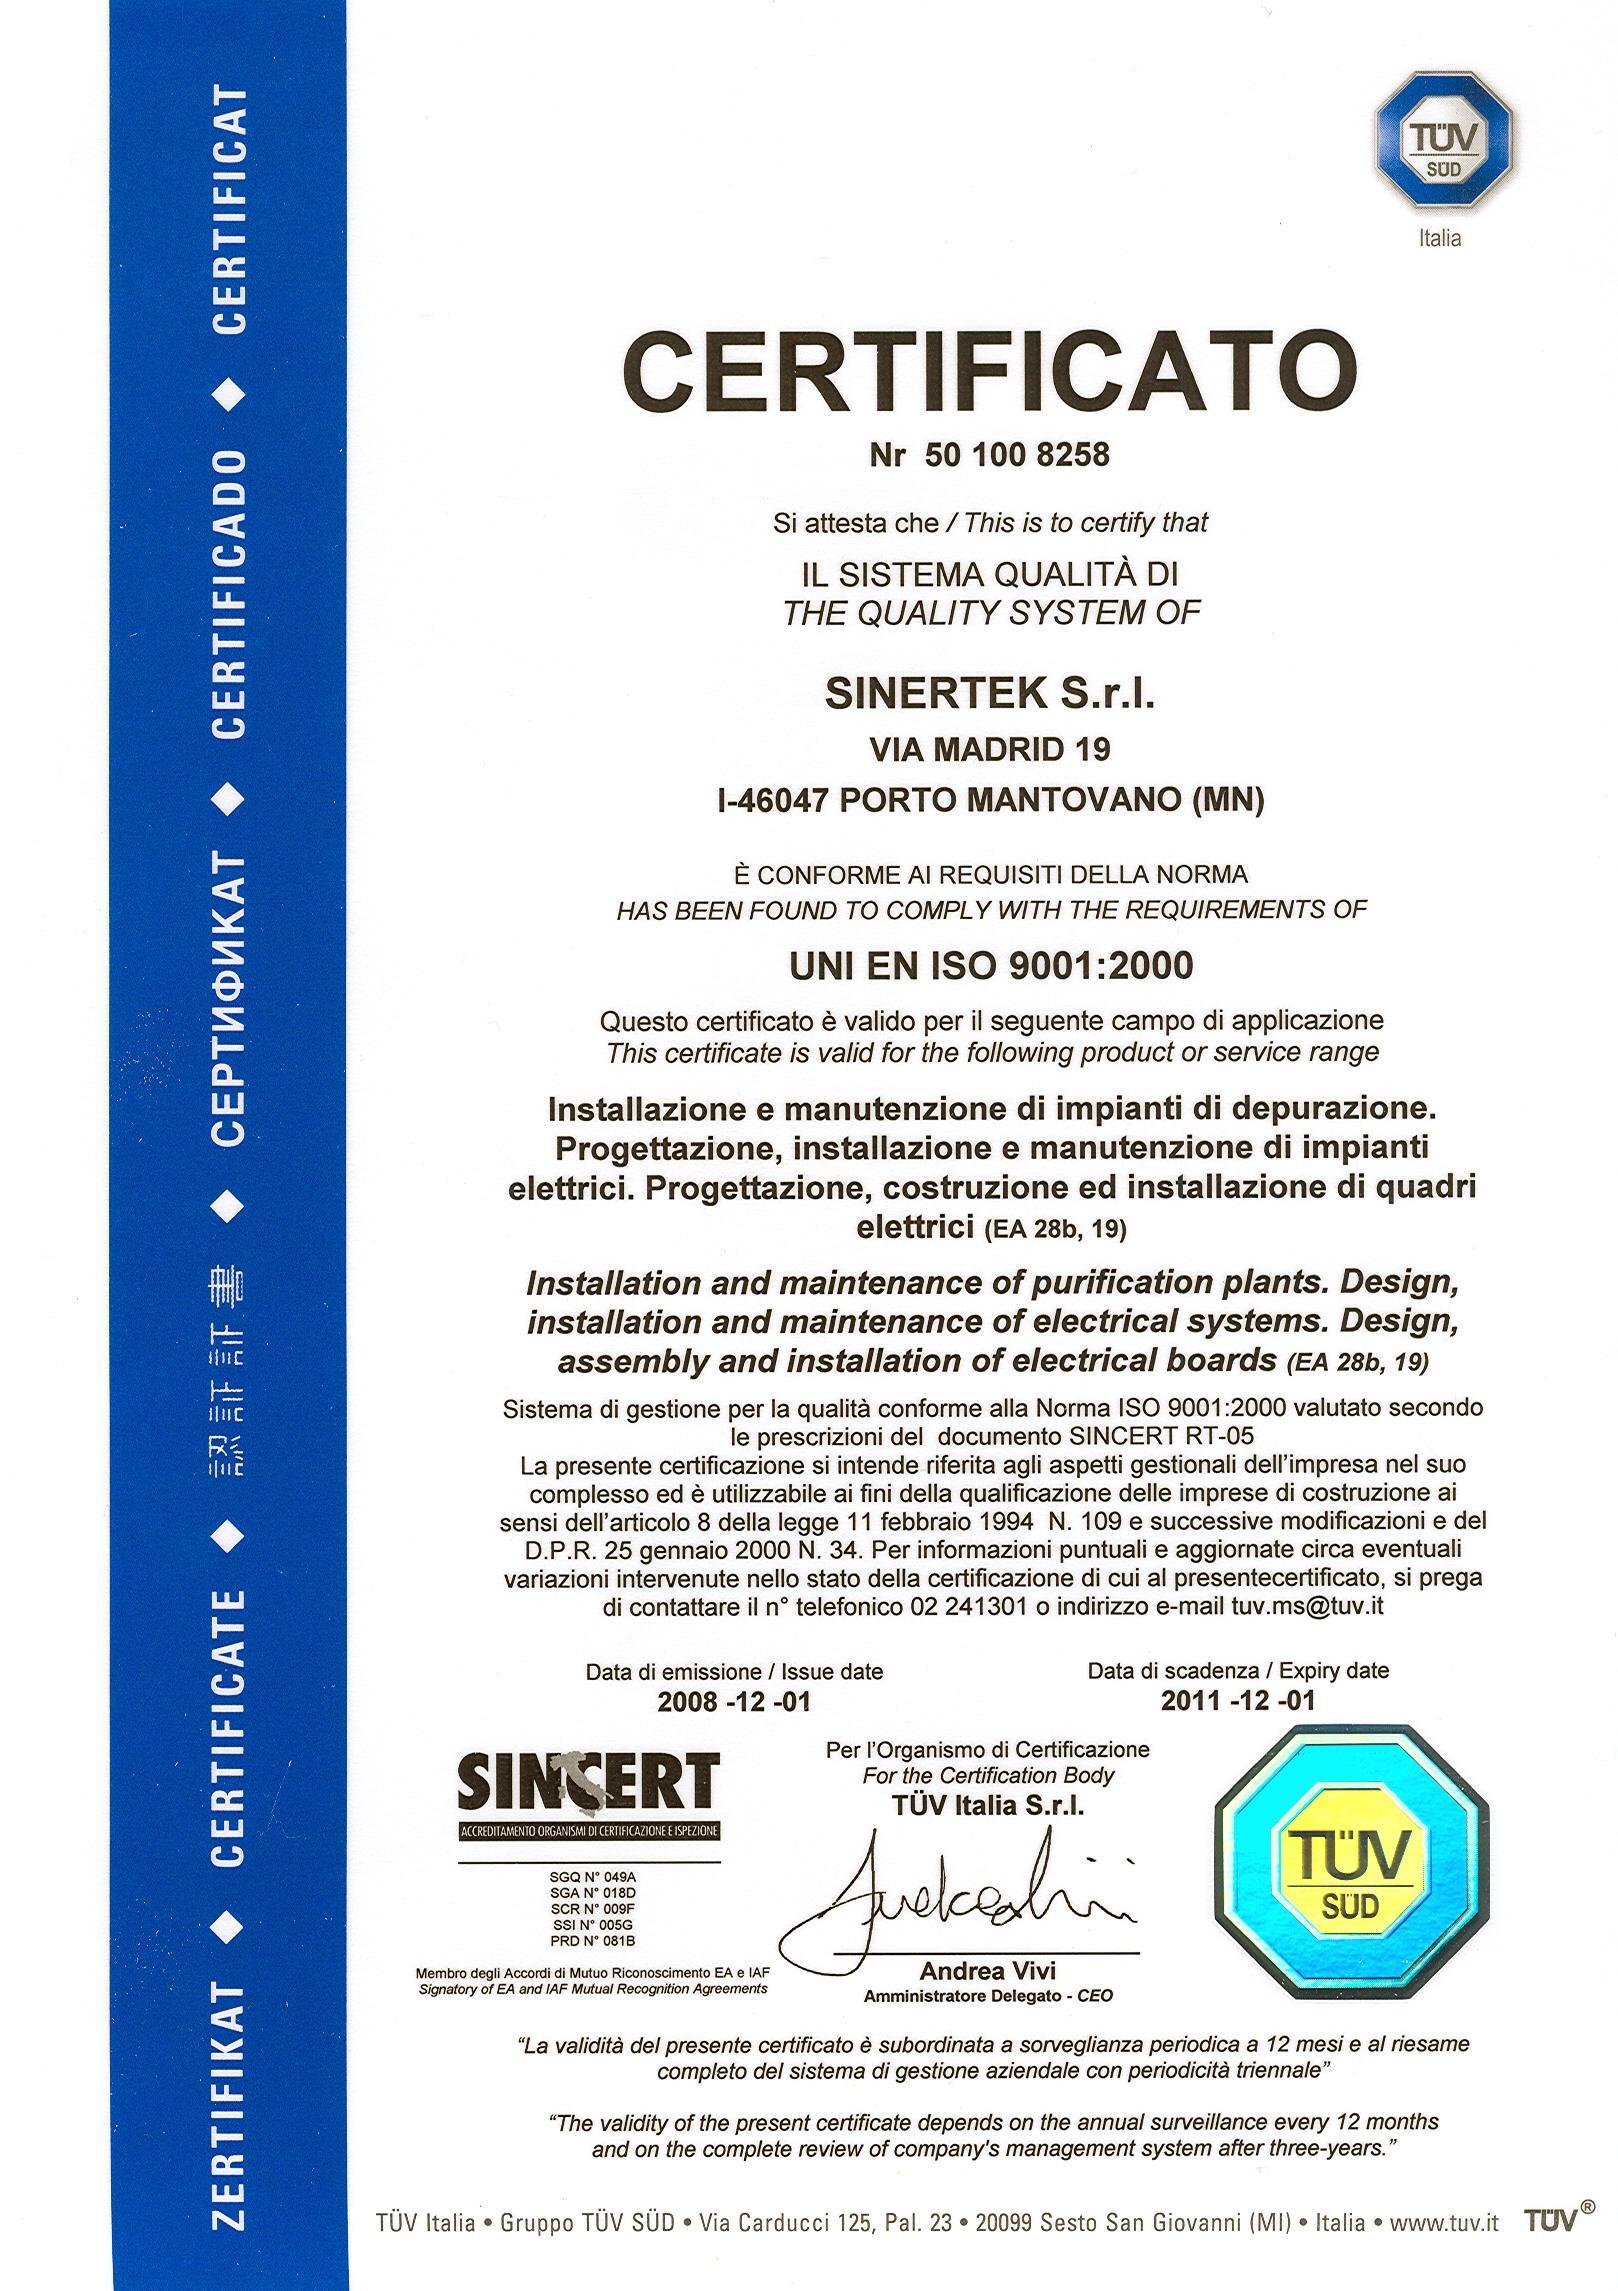 Mobili e arredamento certificazione impianto elettrico norma - Certificazione impianti casa ...